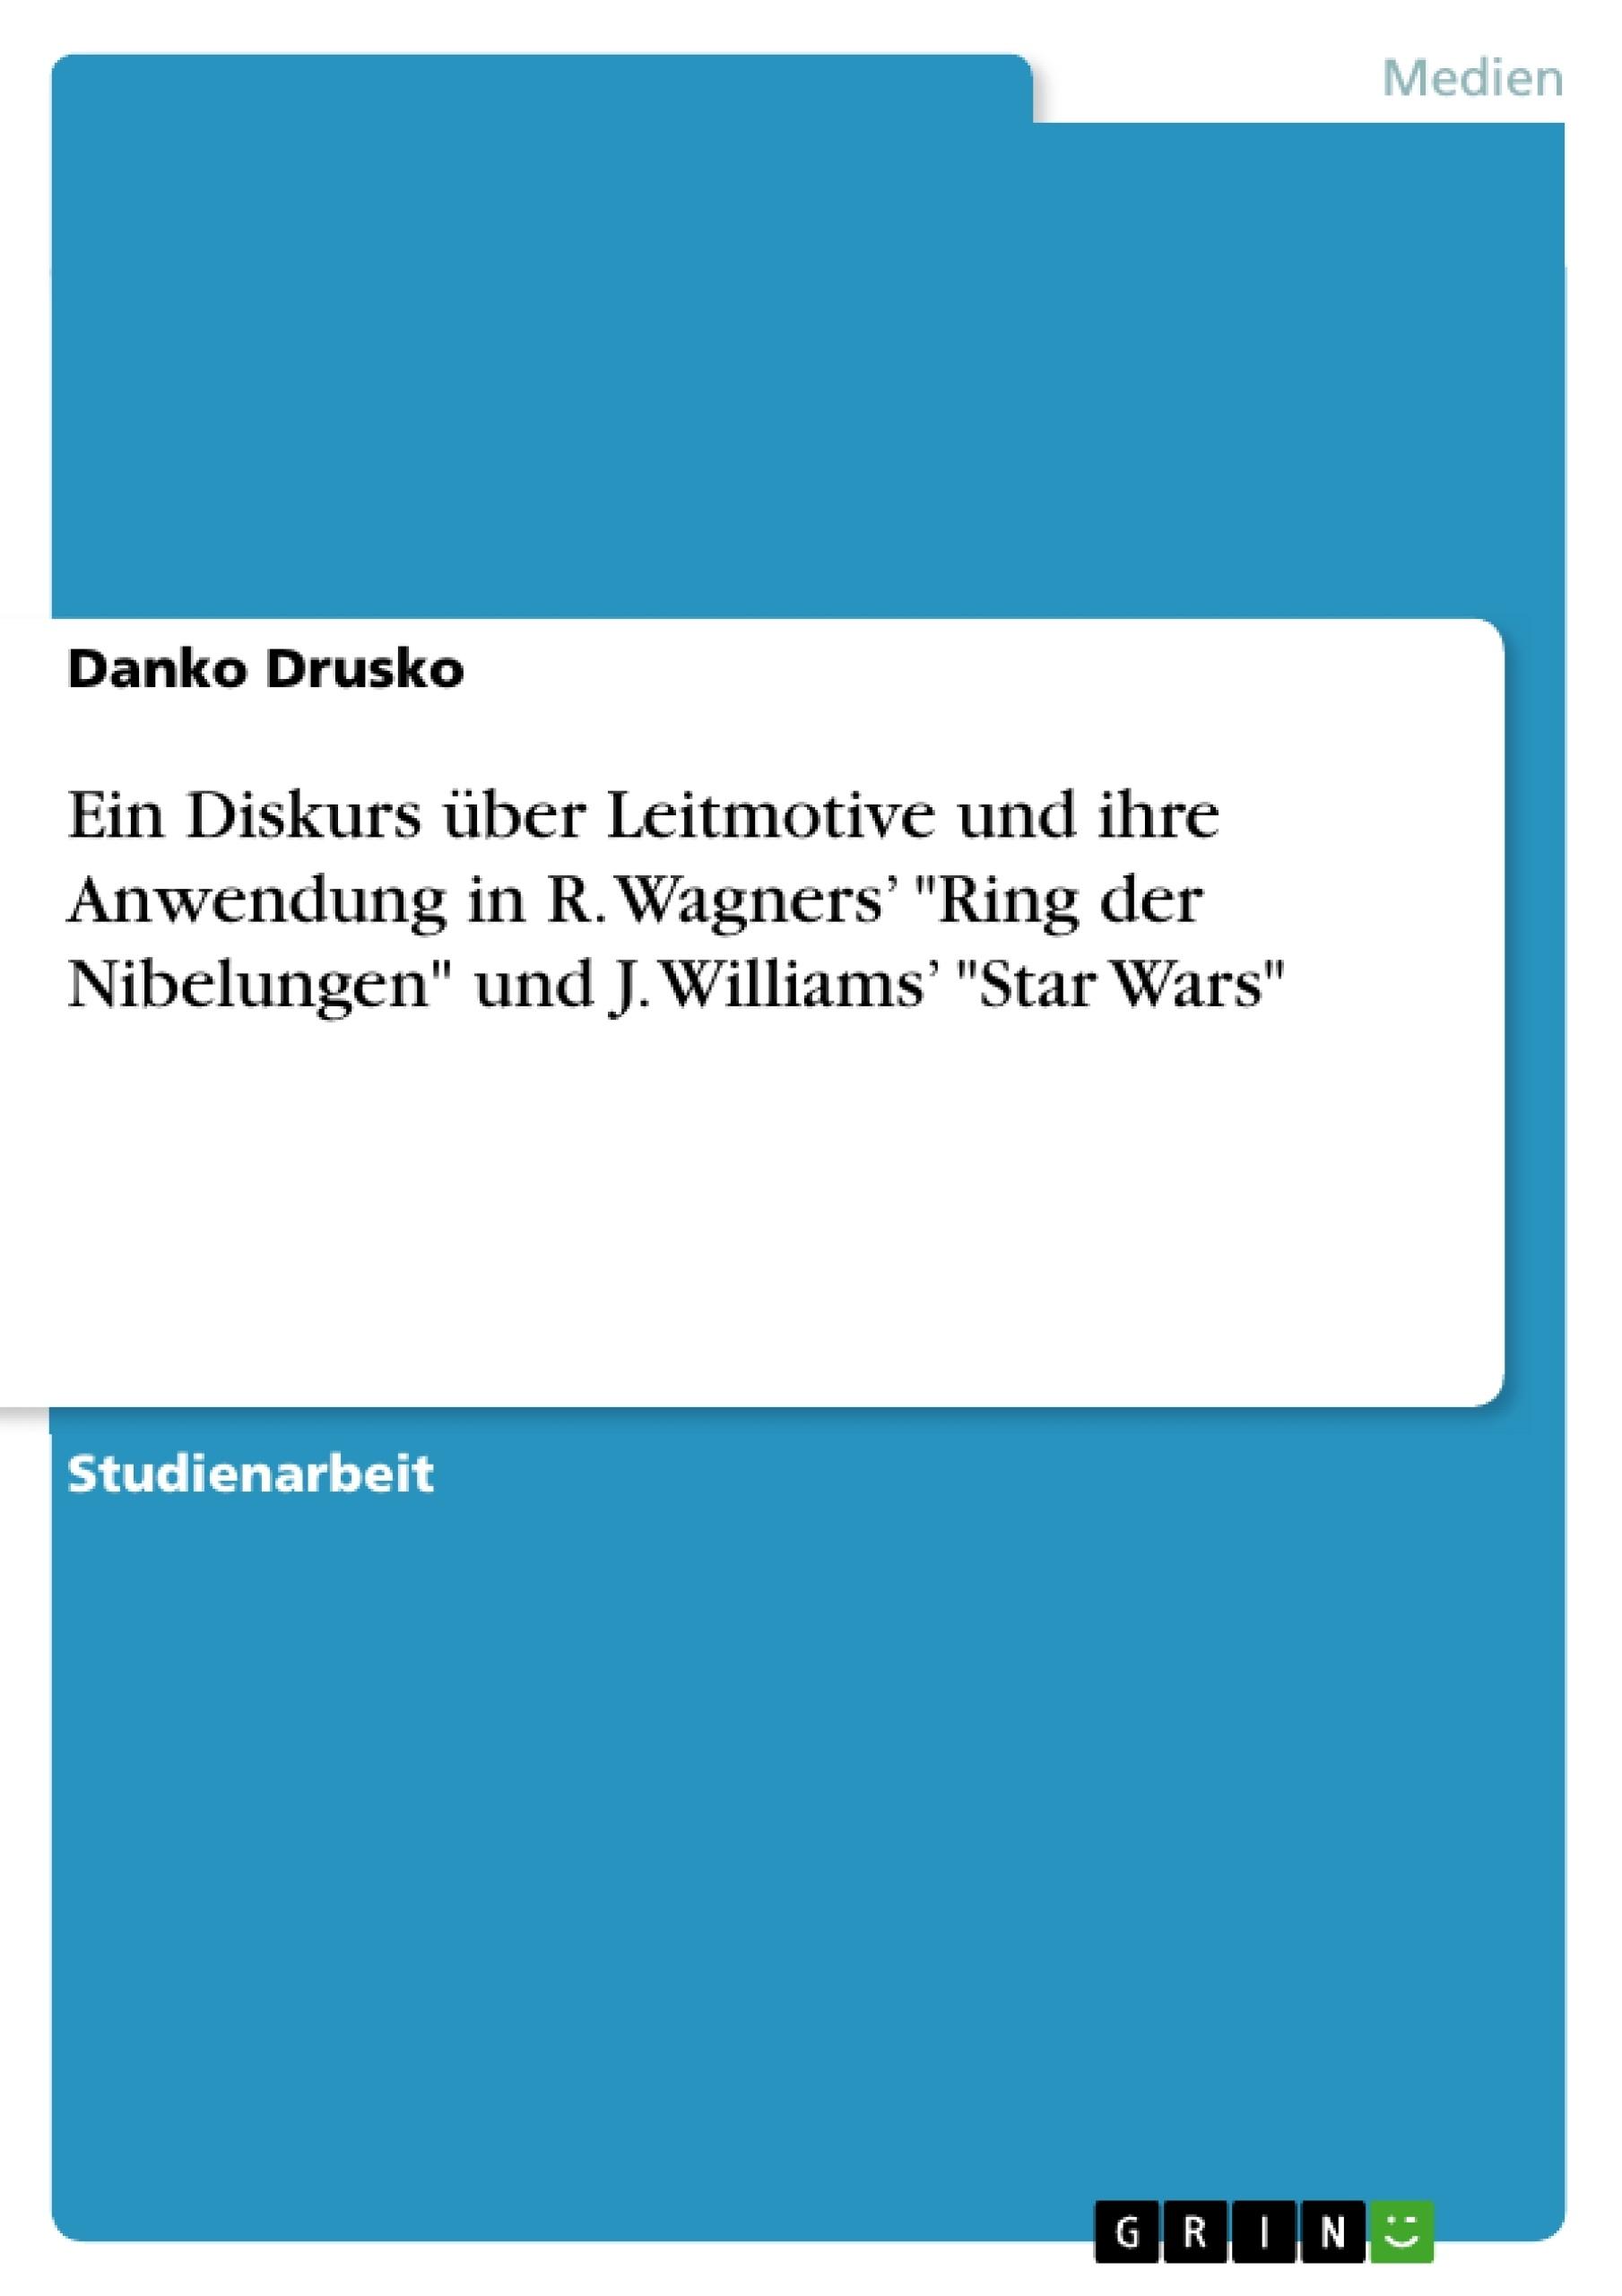 """Titel: Ein Diskurs über Leitmotive und ihre  Anwendung in R. Wagners' """"Ring der Nibelungen"""" und J. Williams' """"Star Wars"""""""